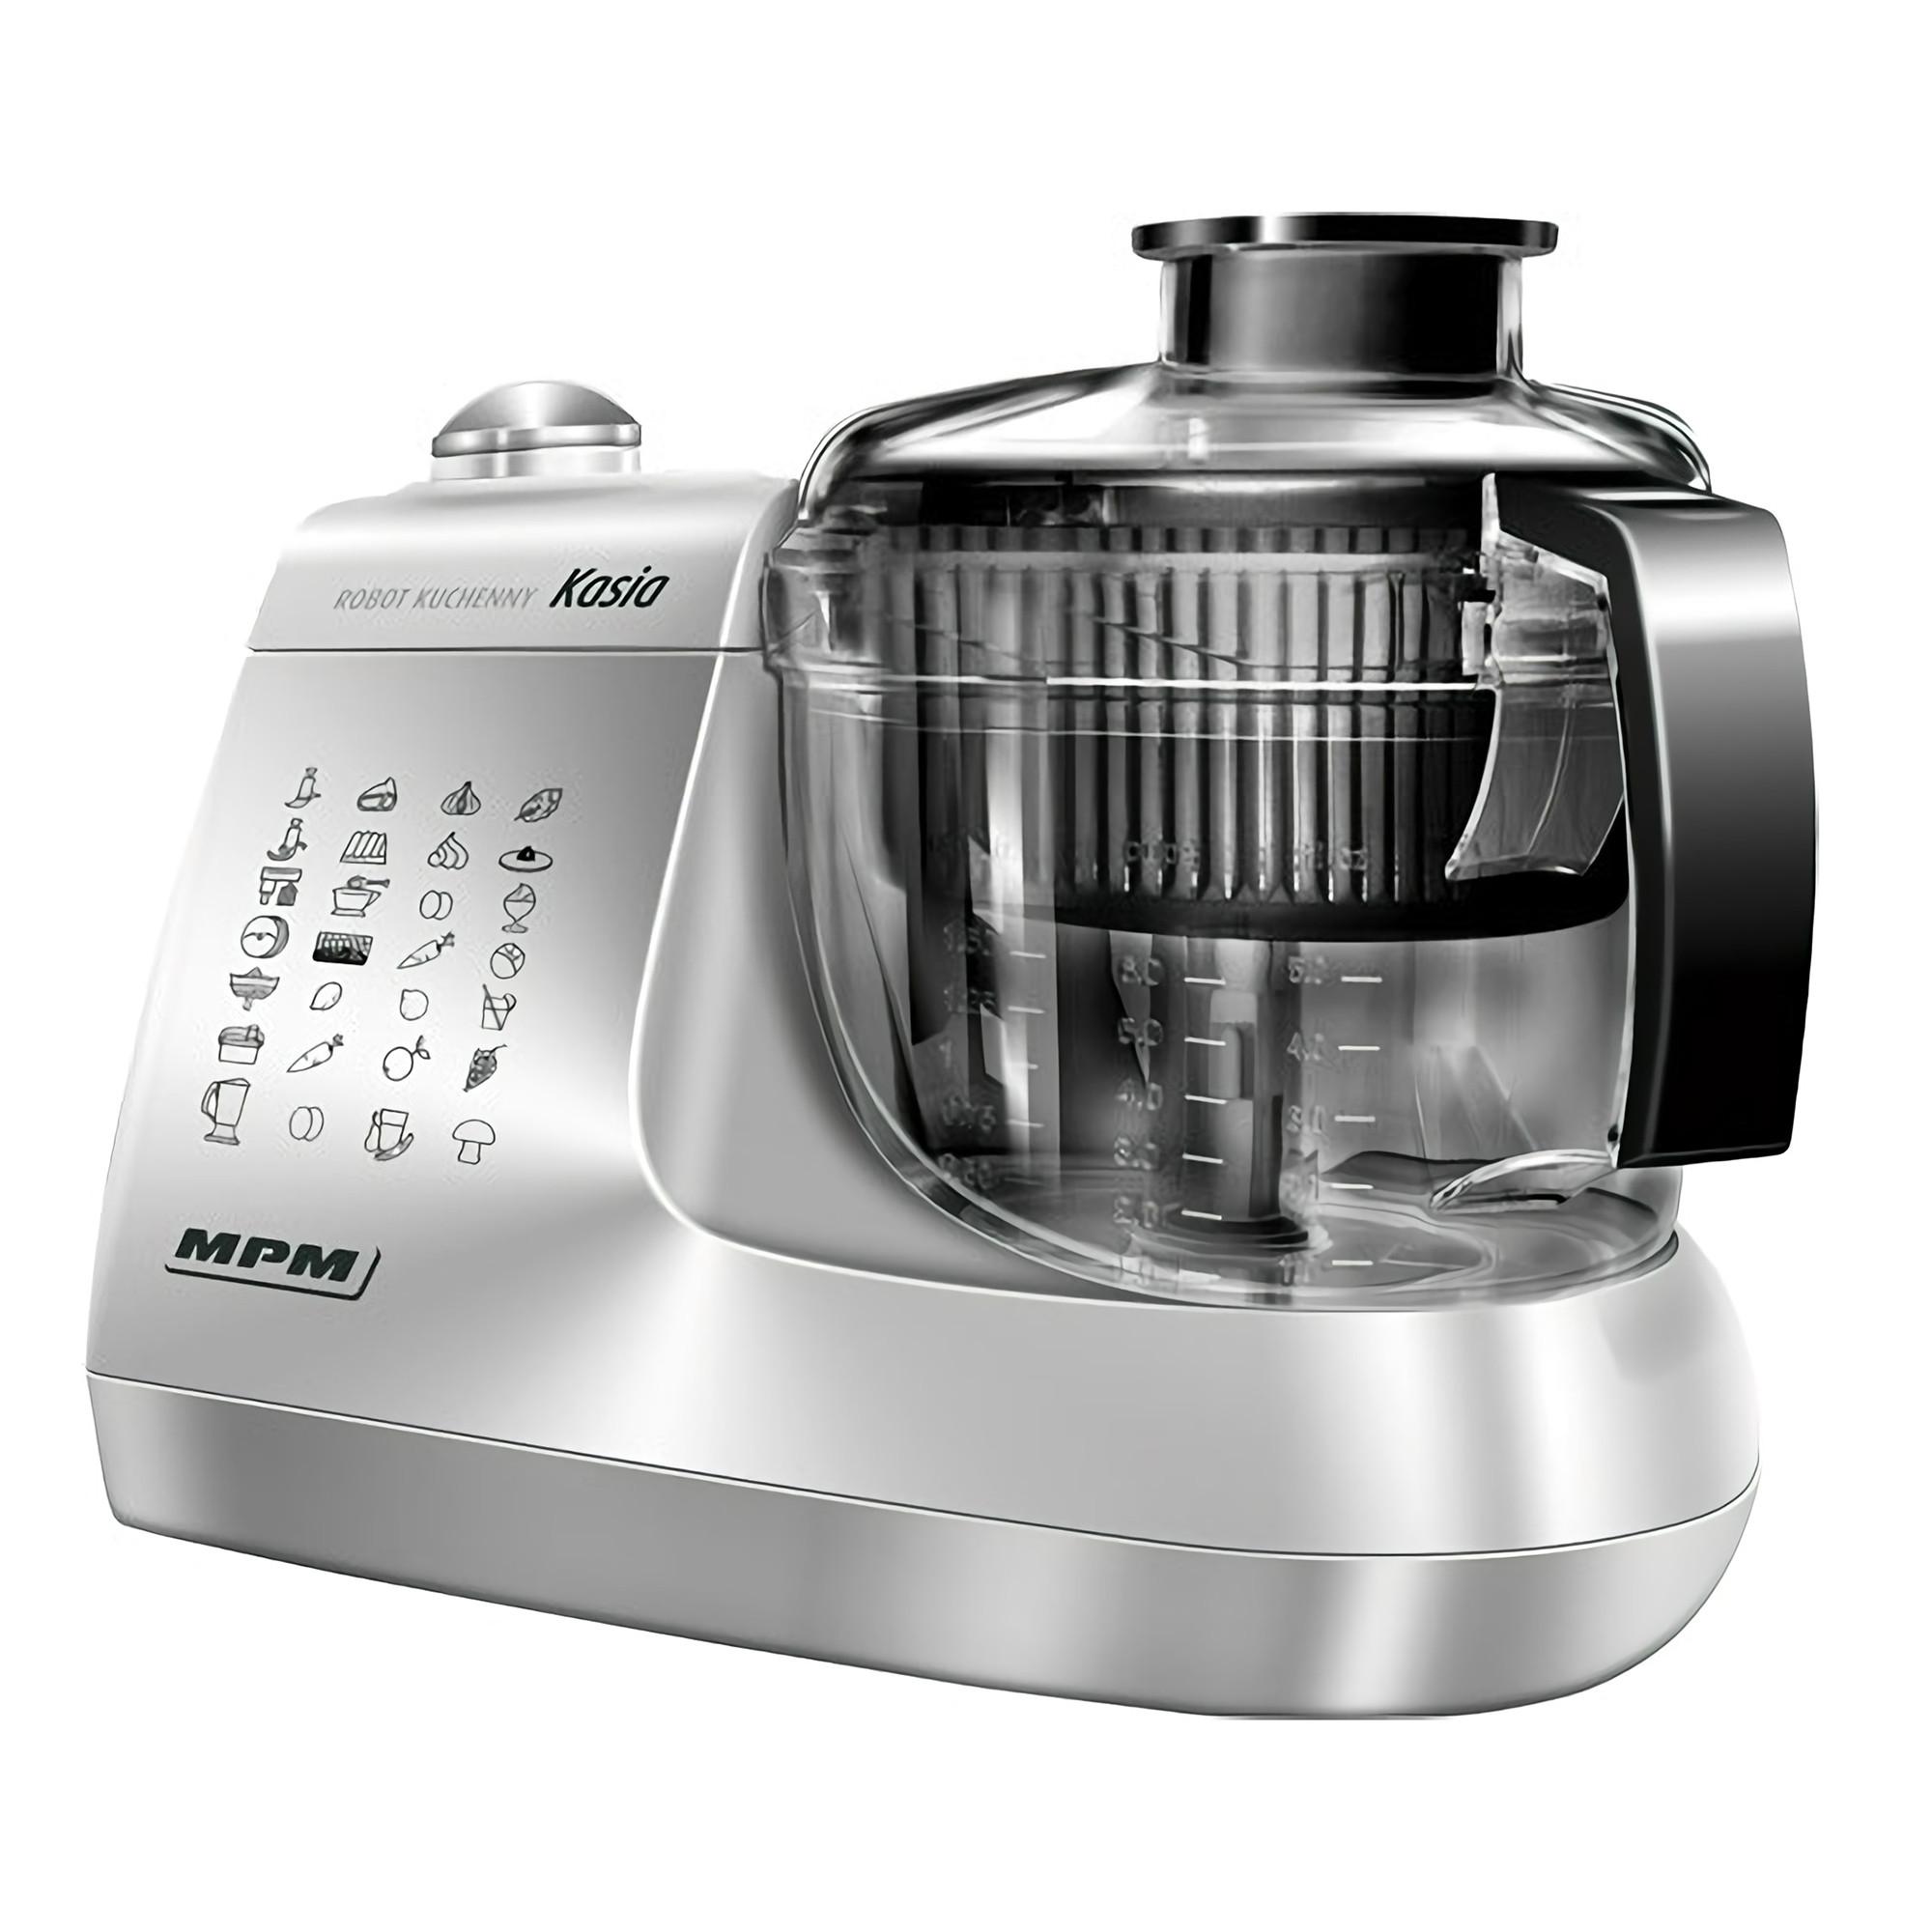 MPM MRK-12 Procesador de Alimentos de Cocina Eléctrico, Amasador, Batidora, Exprimidor, Licuadora, Picadora, 1,5 L, Todo en Uno, 800 W